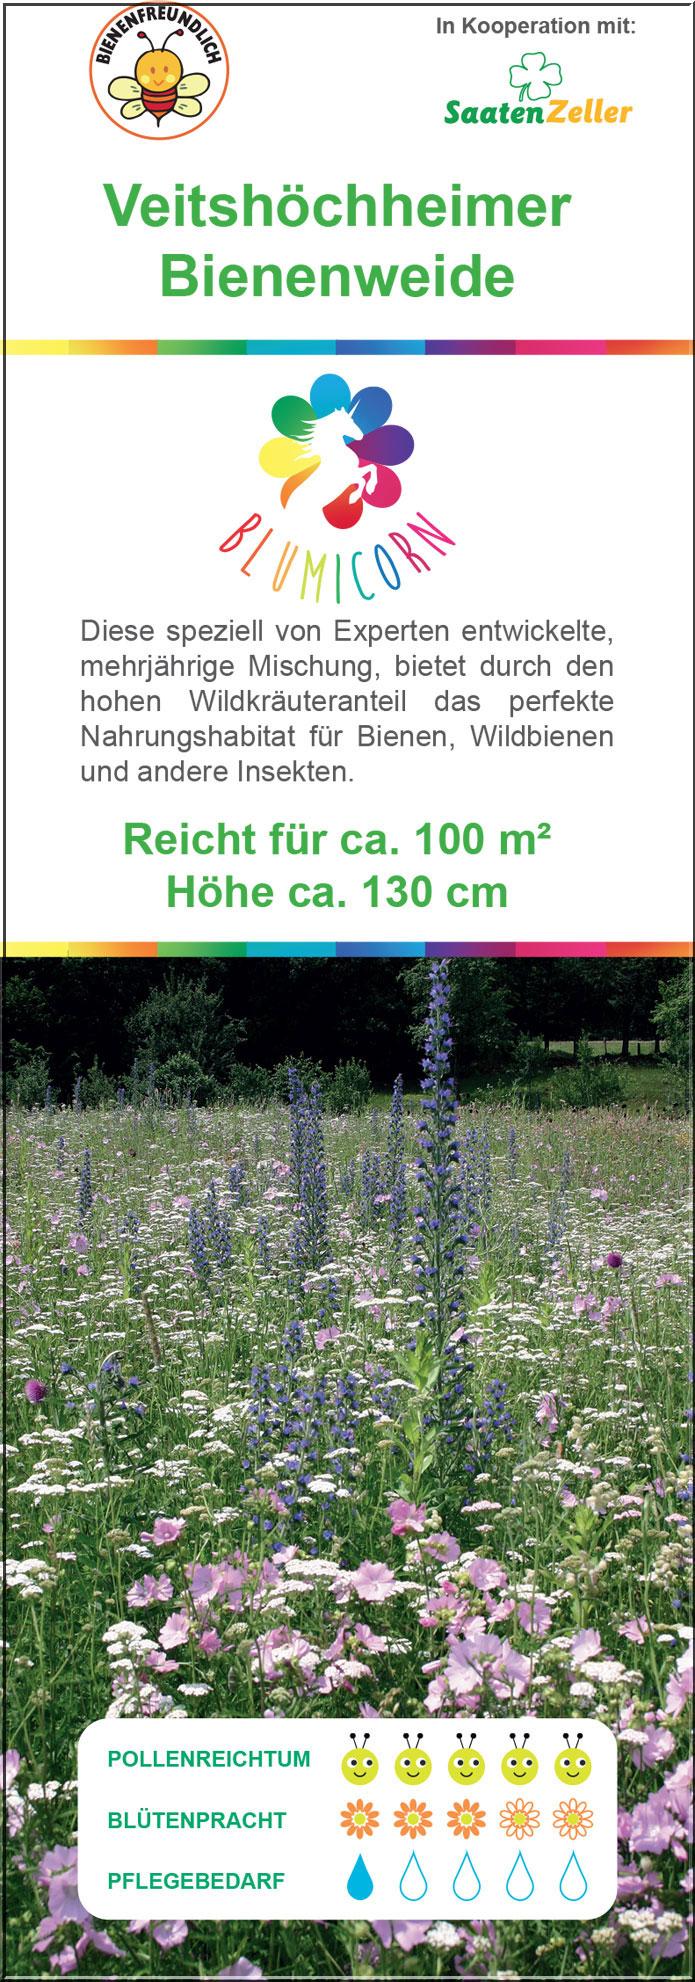 Veitshöchheimer-Bienenweide